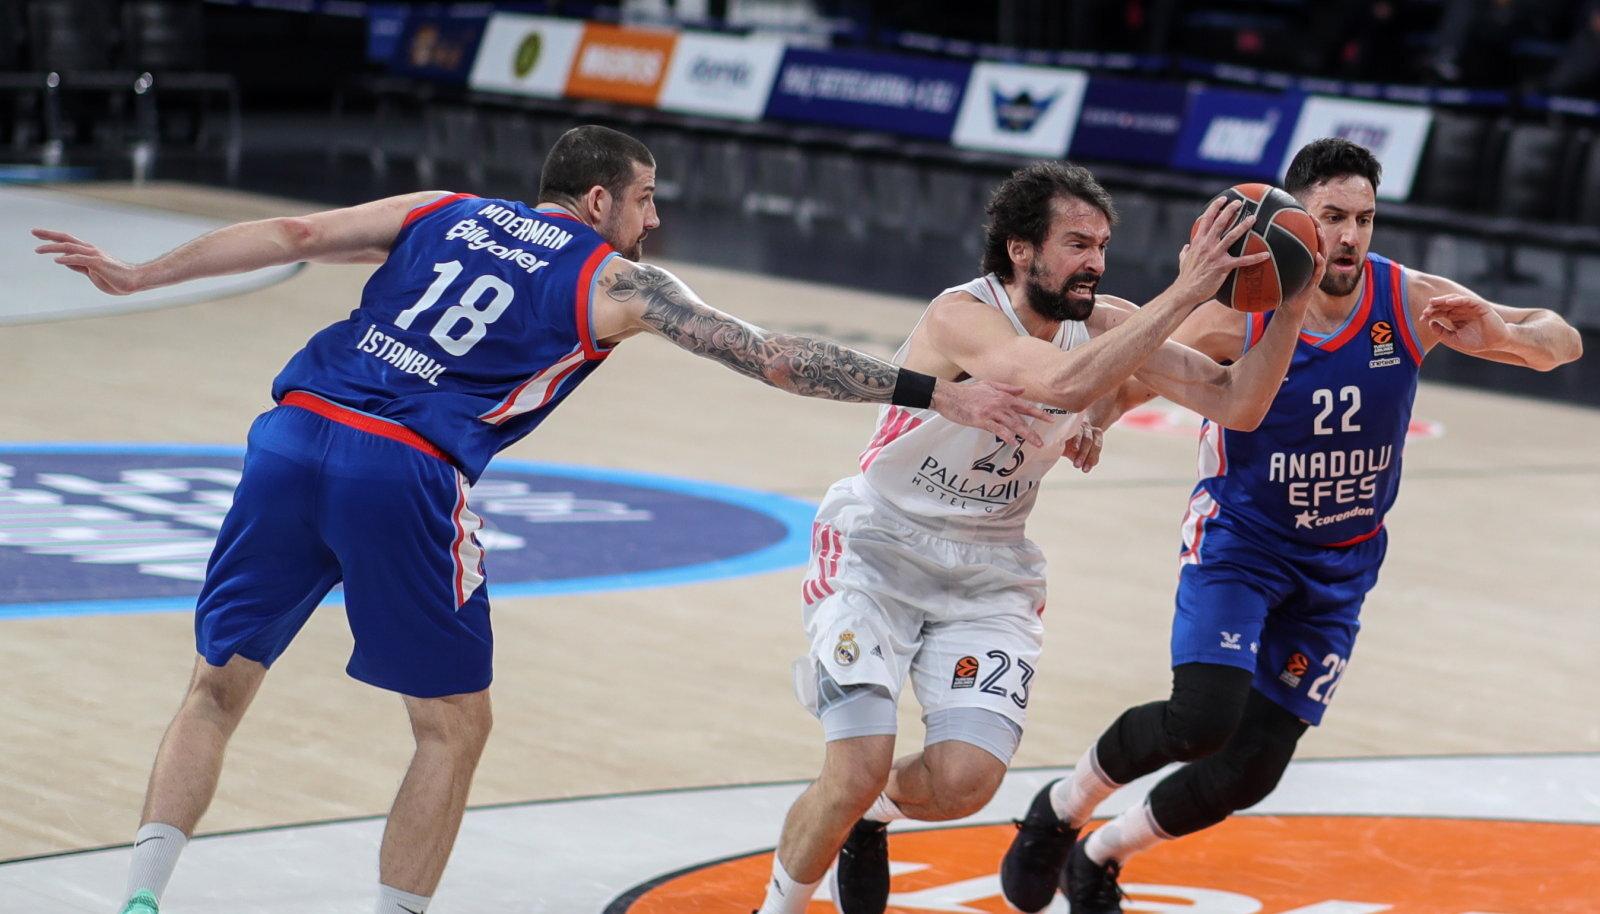 Anadolu Efesi mängijad Adrien Moerman ja Vasilije Micic takistamas Reali kuulsust Sergio Llulli (palliga).